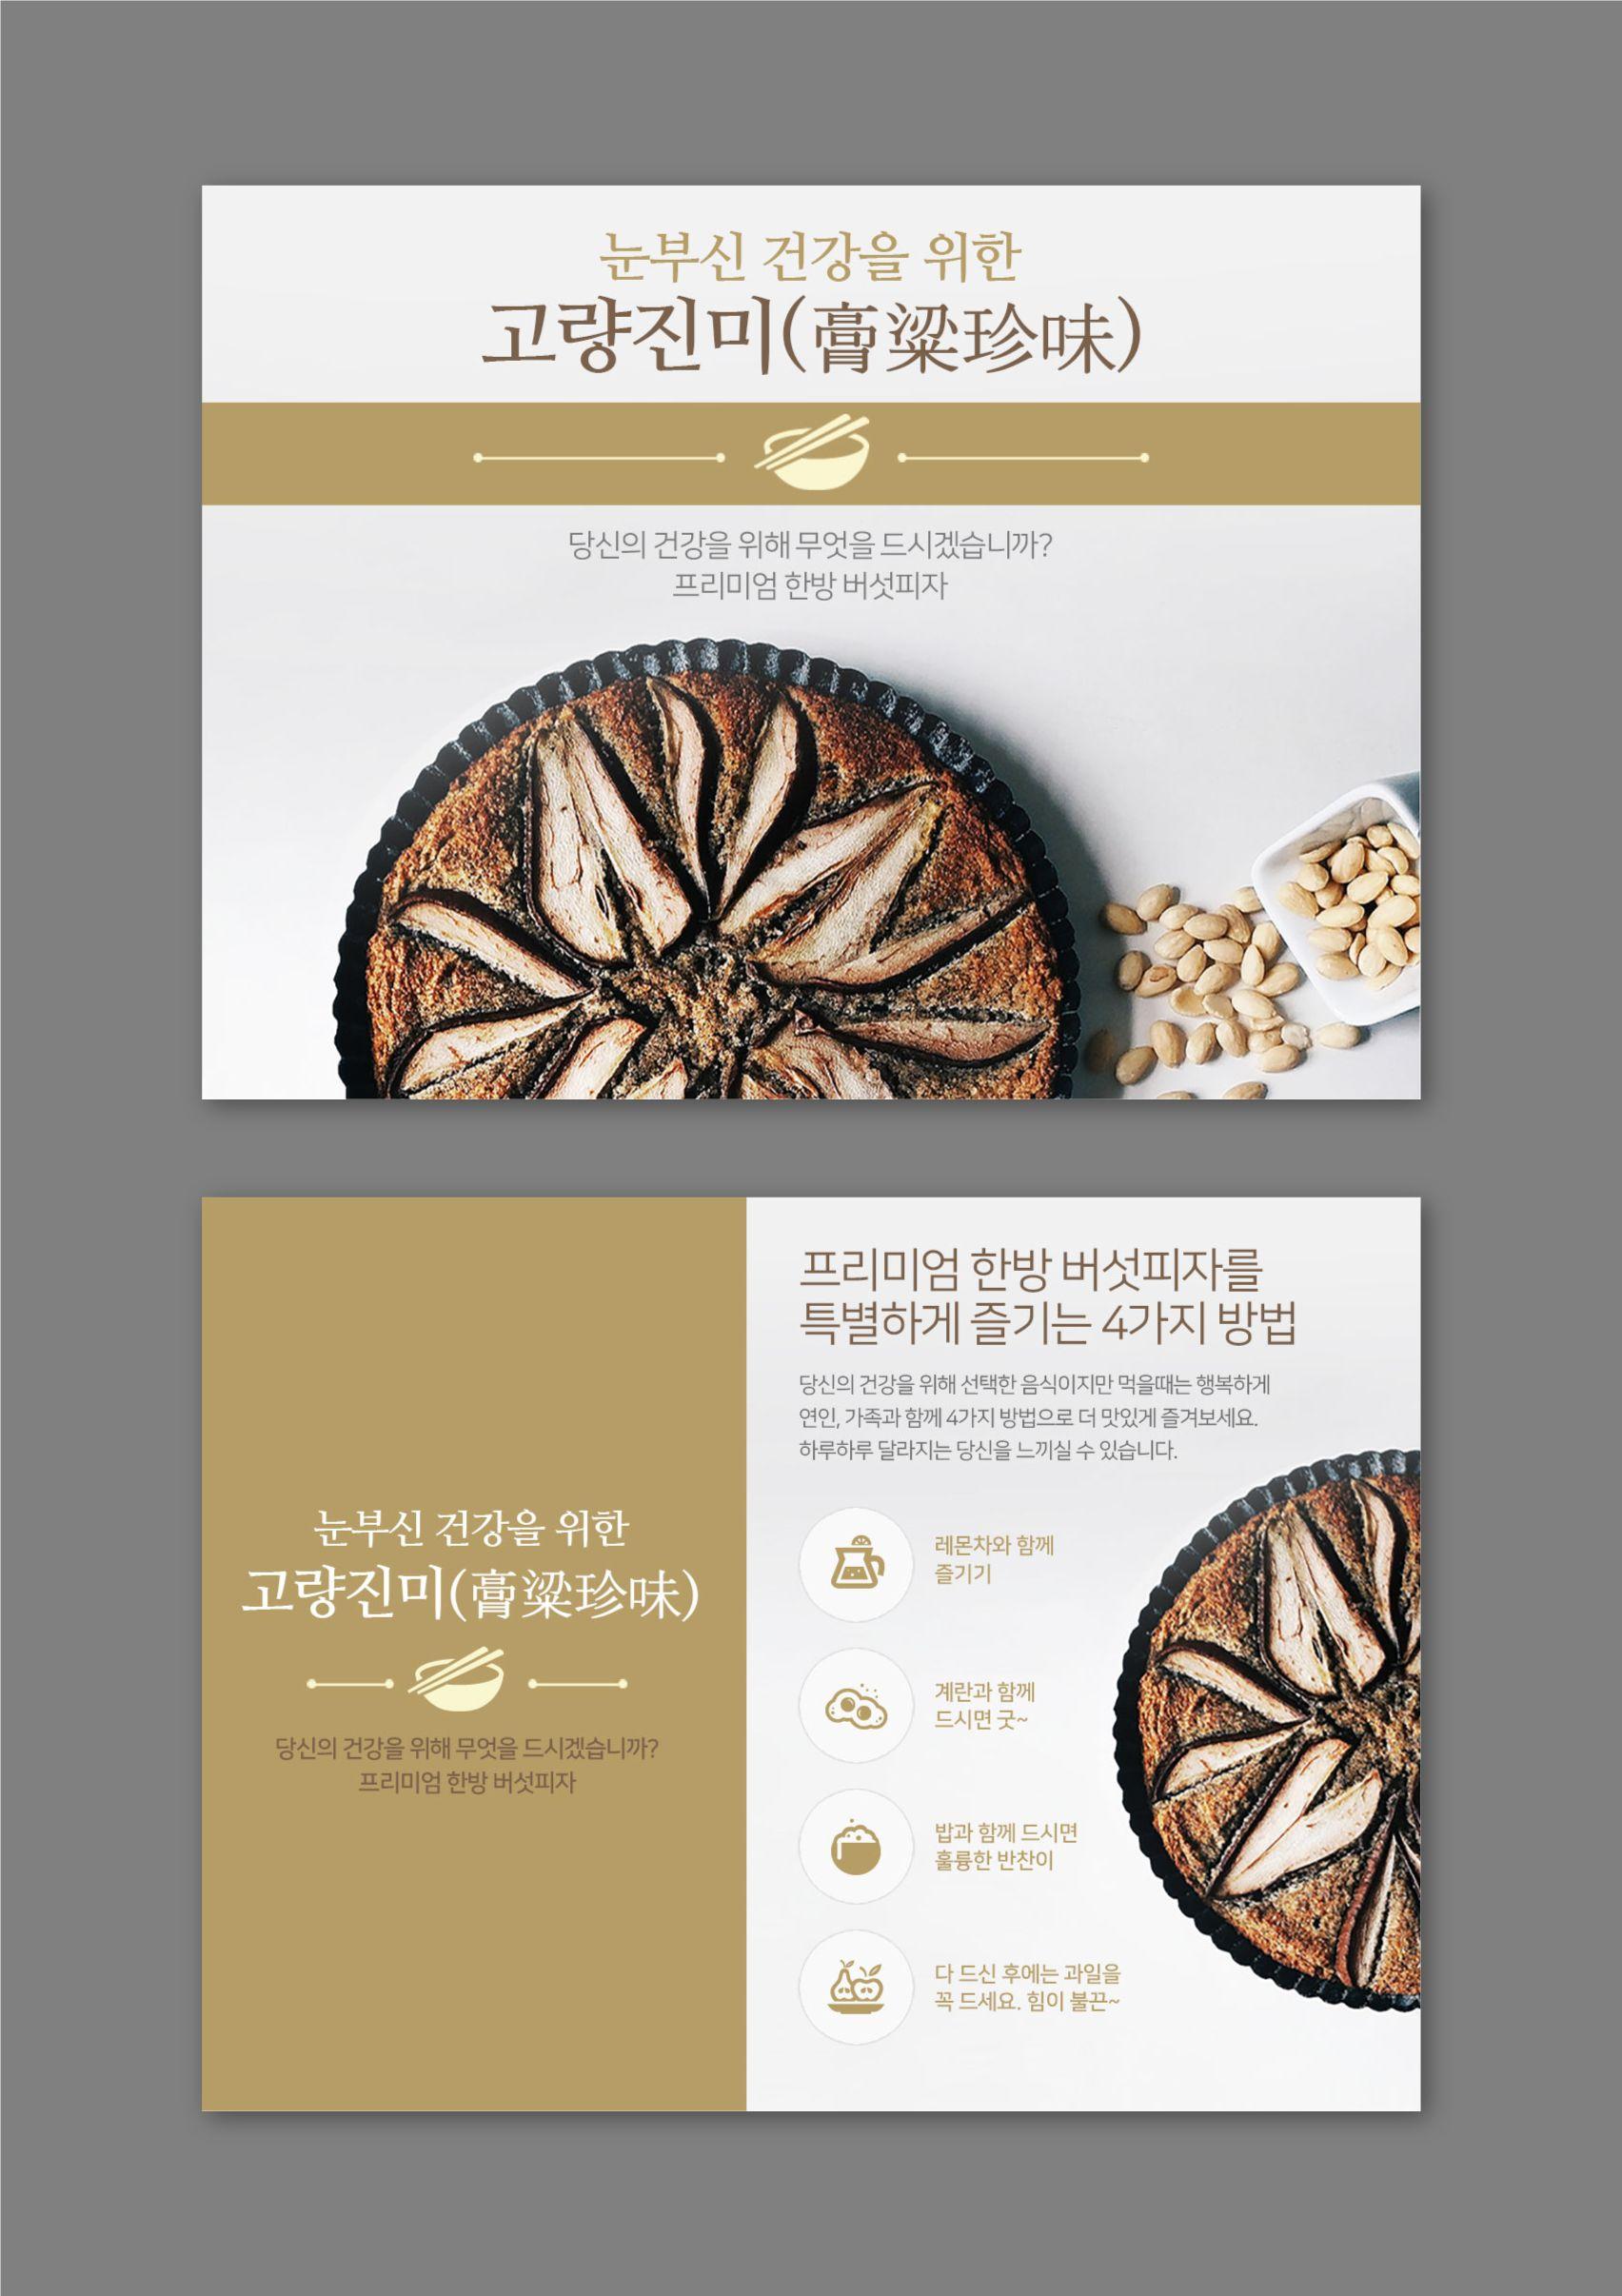 식품 프레젠테이션 프레젠테이션 템플릿 프레젠테이션 디자인 망고보드 판촉물 디자인 음식 포스터 디자인 음식 포스터